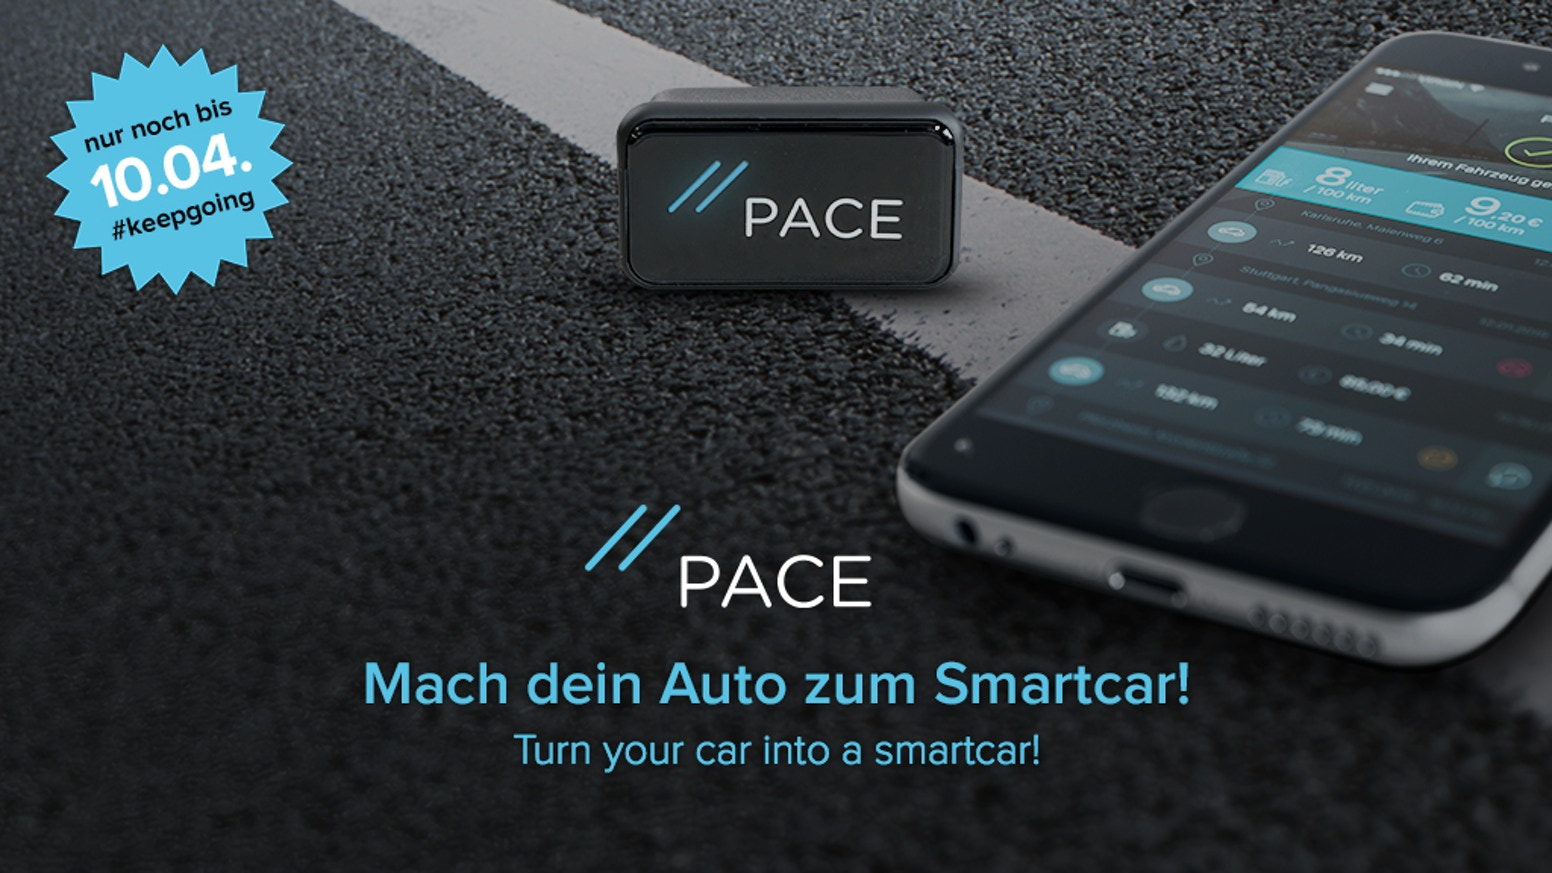 pace mach dein auto zum smartcar by pace kickstarter. Black Bedroom Furniture Sets. Home Design Ideas